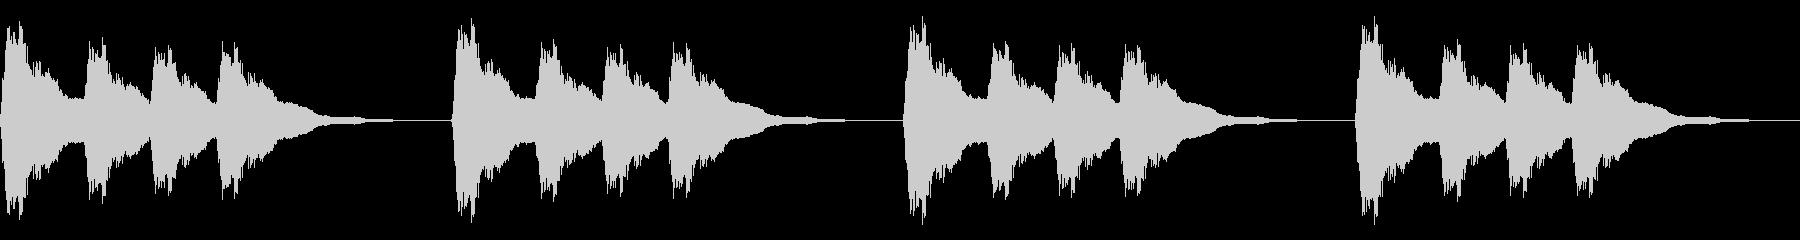 システム アラーム ゴンゴンゴンの未再生の波形